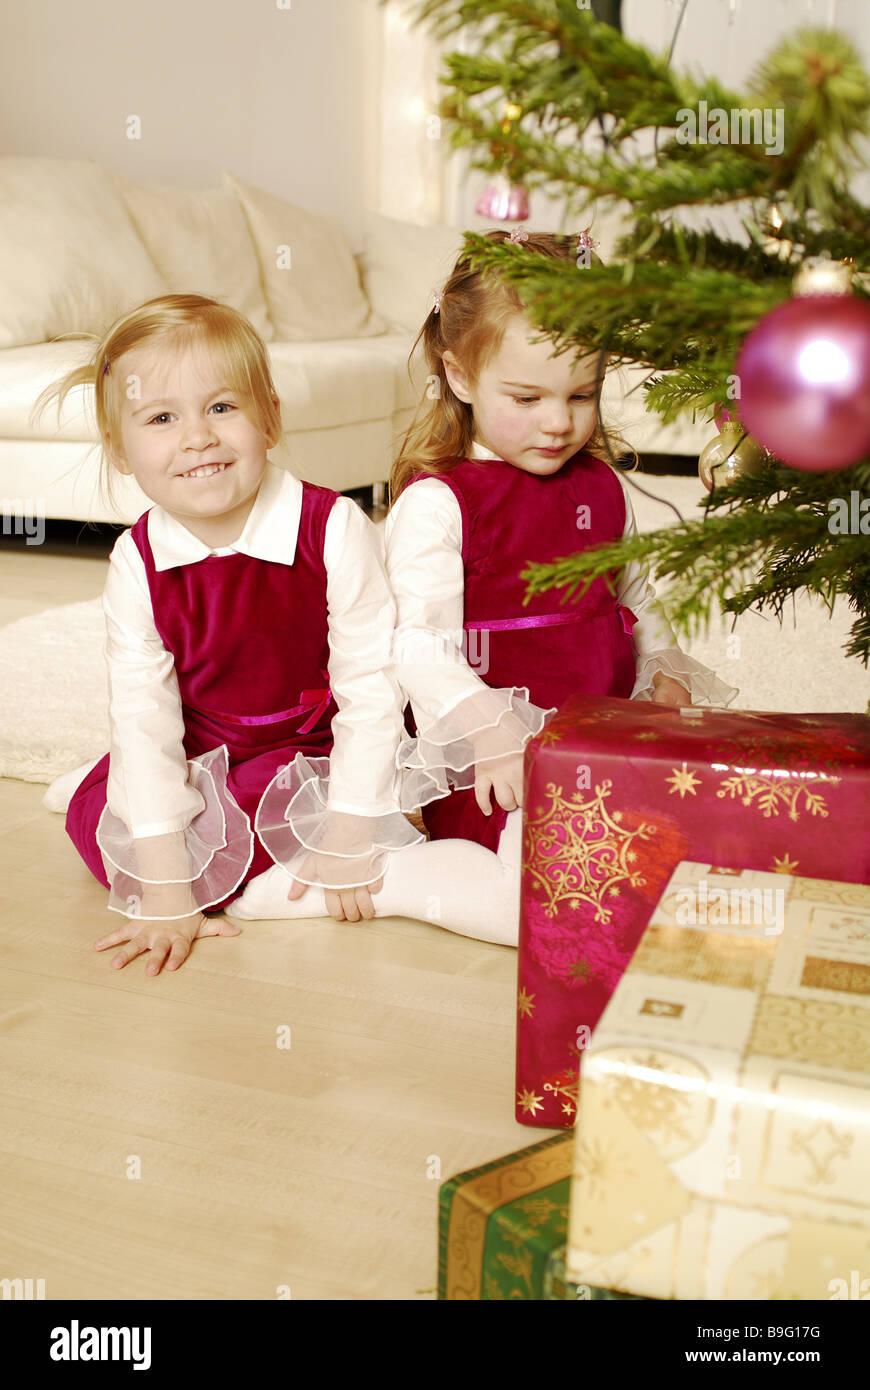 Weihnachten Mädchen zwei Weihnachtsbaum Geschenke Serie Menschen ...